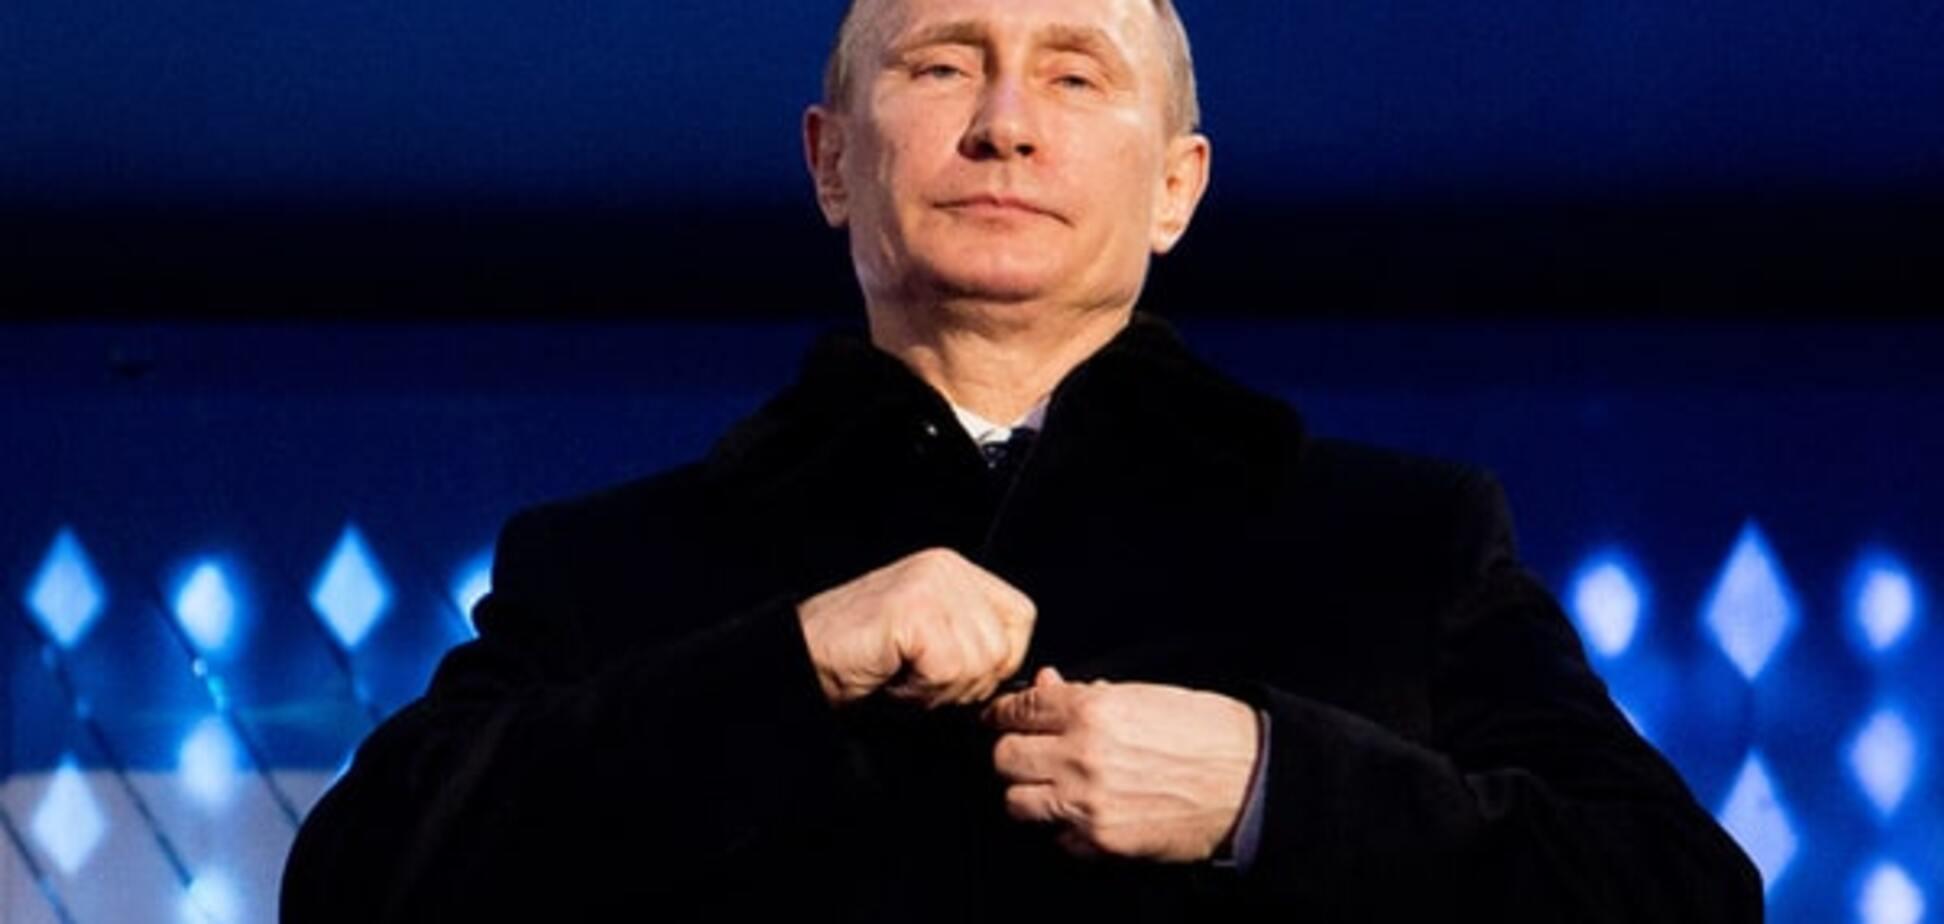 Через блокаду Путін може спробувати силою створити сухопутний коридор у Крим - Bloomberg